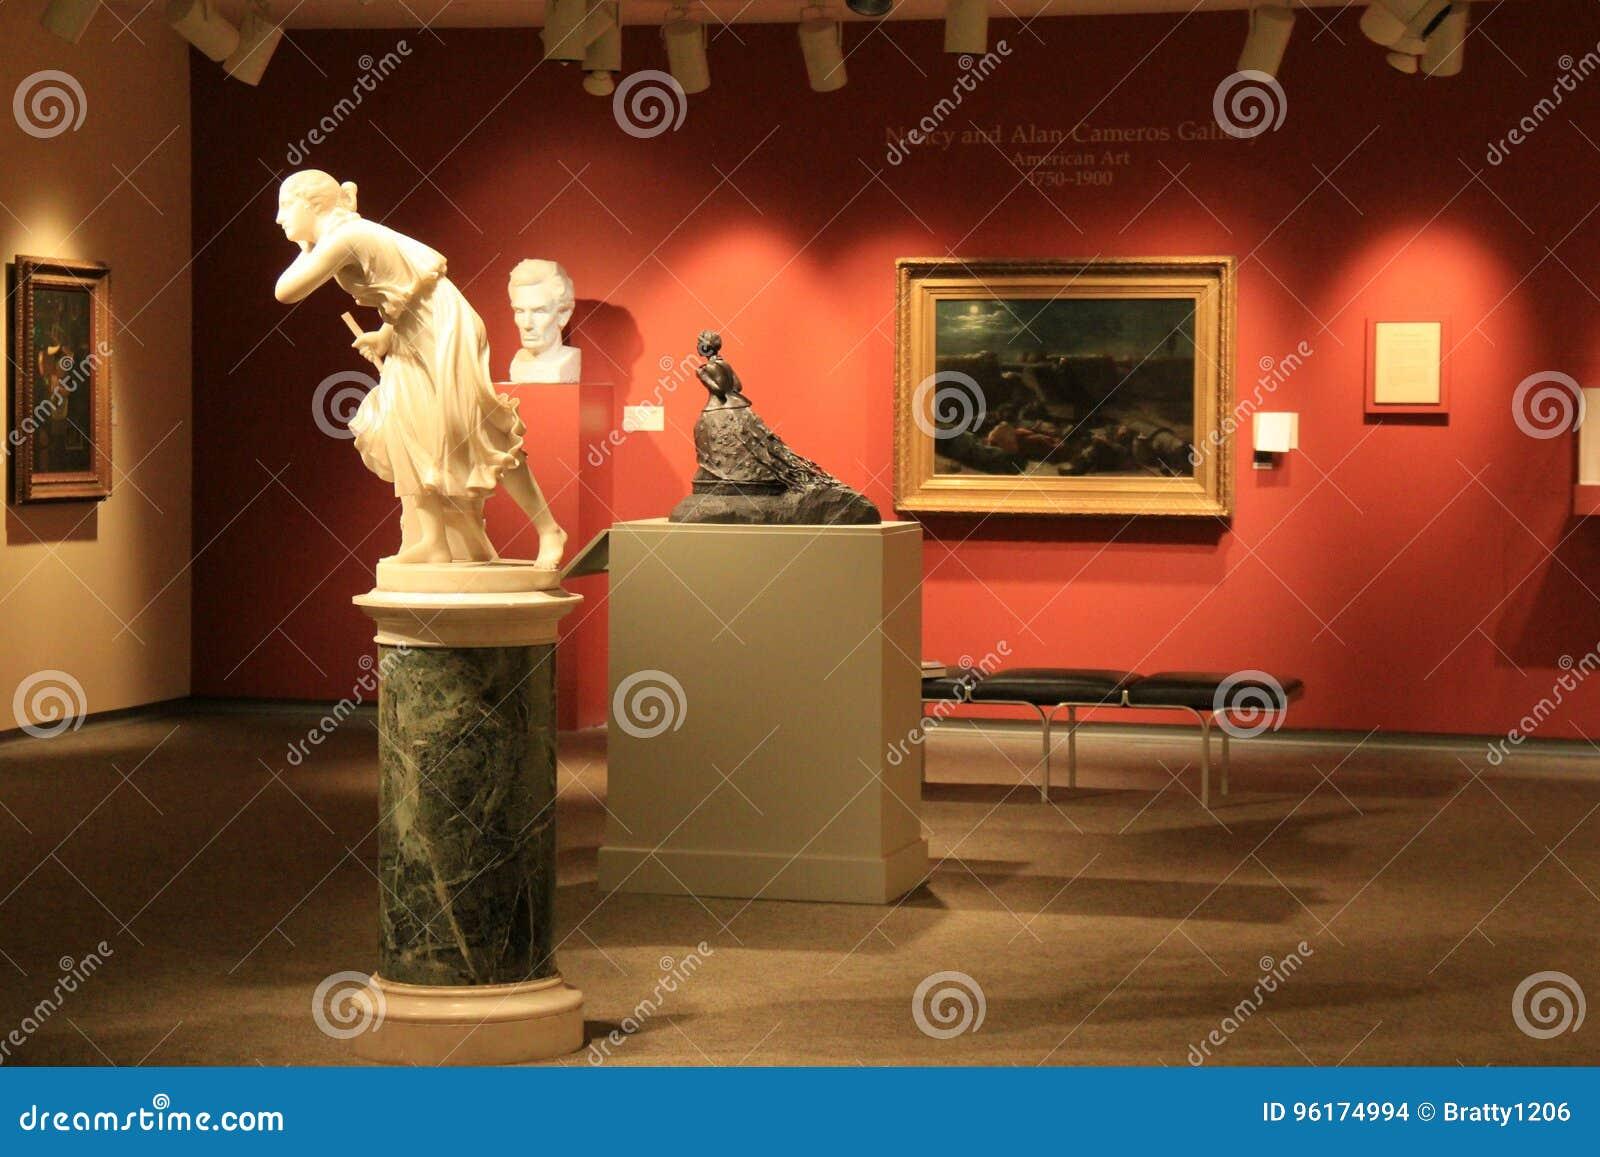 Objets exposés de stupéfaction à l intérieur d une de beaucoup de salles, Art Gallery commémoratif, Rochester, New York, 2017